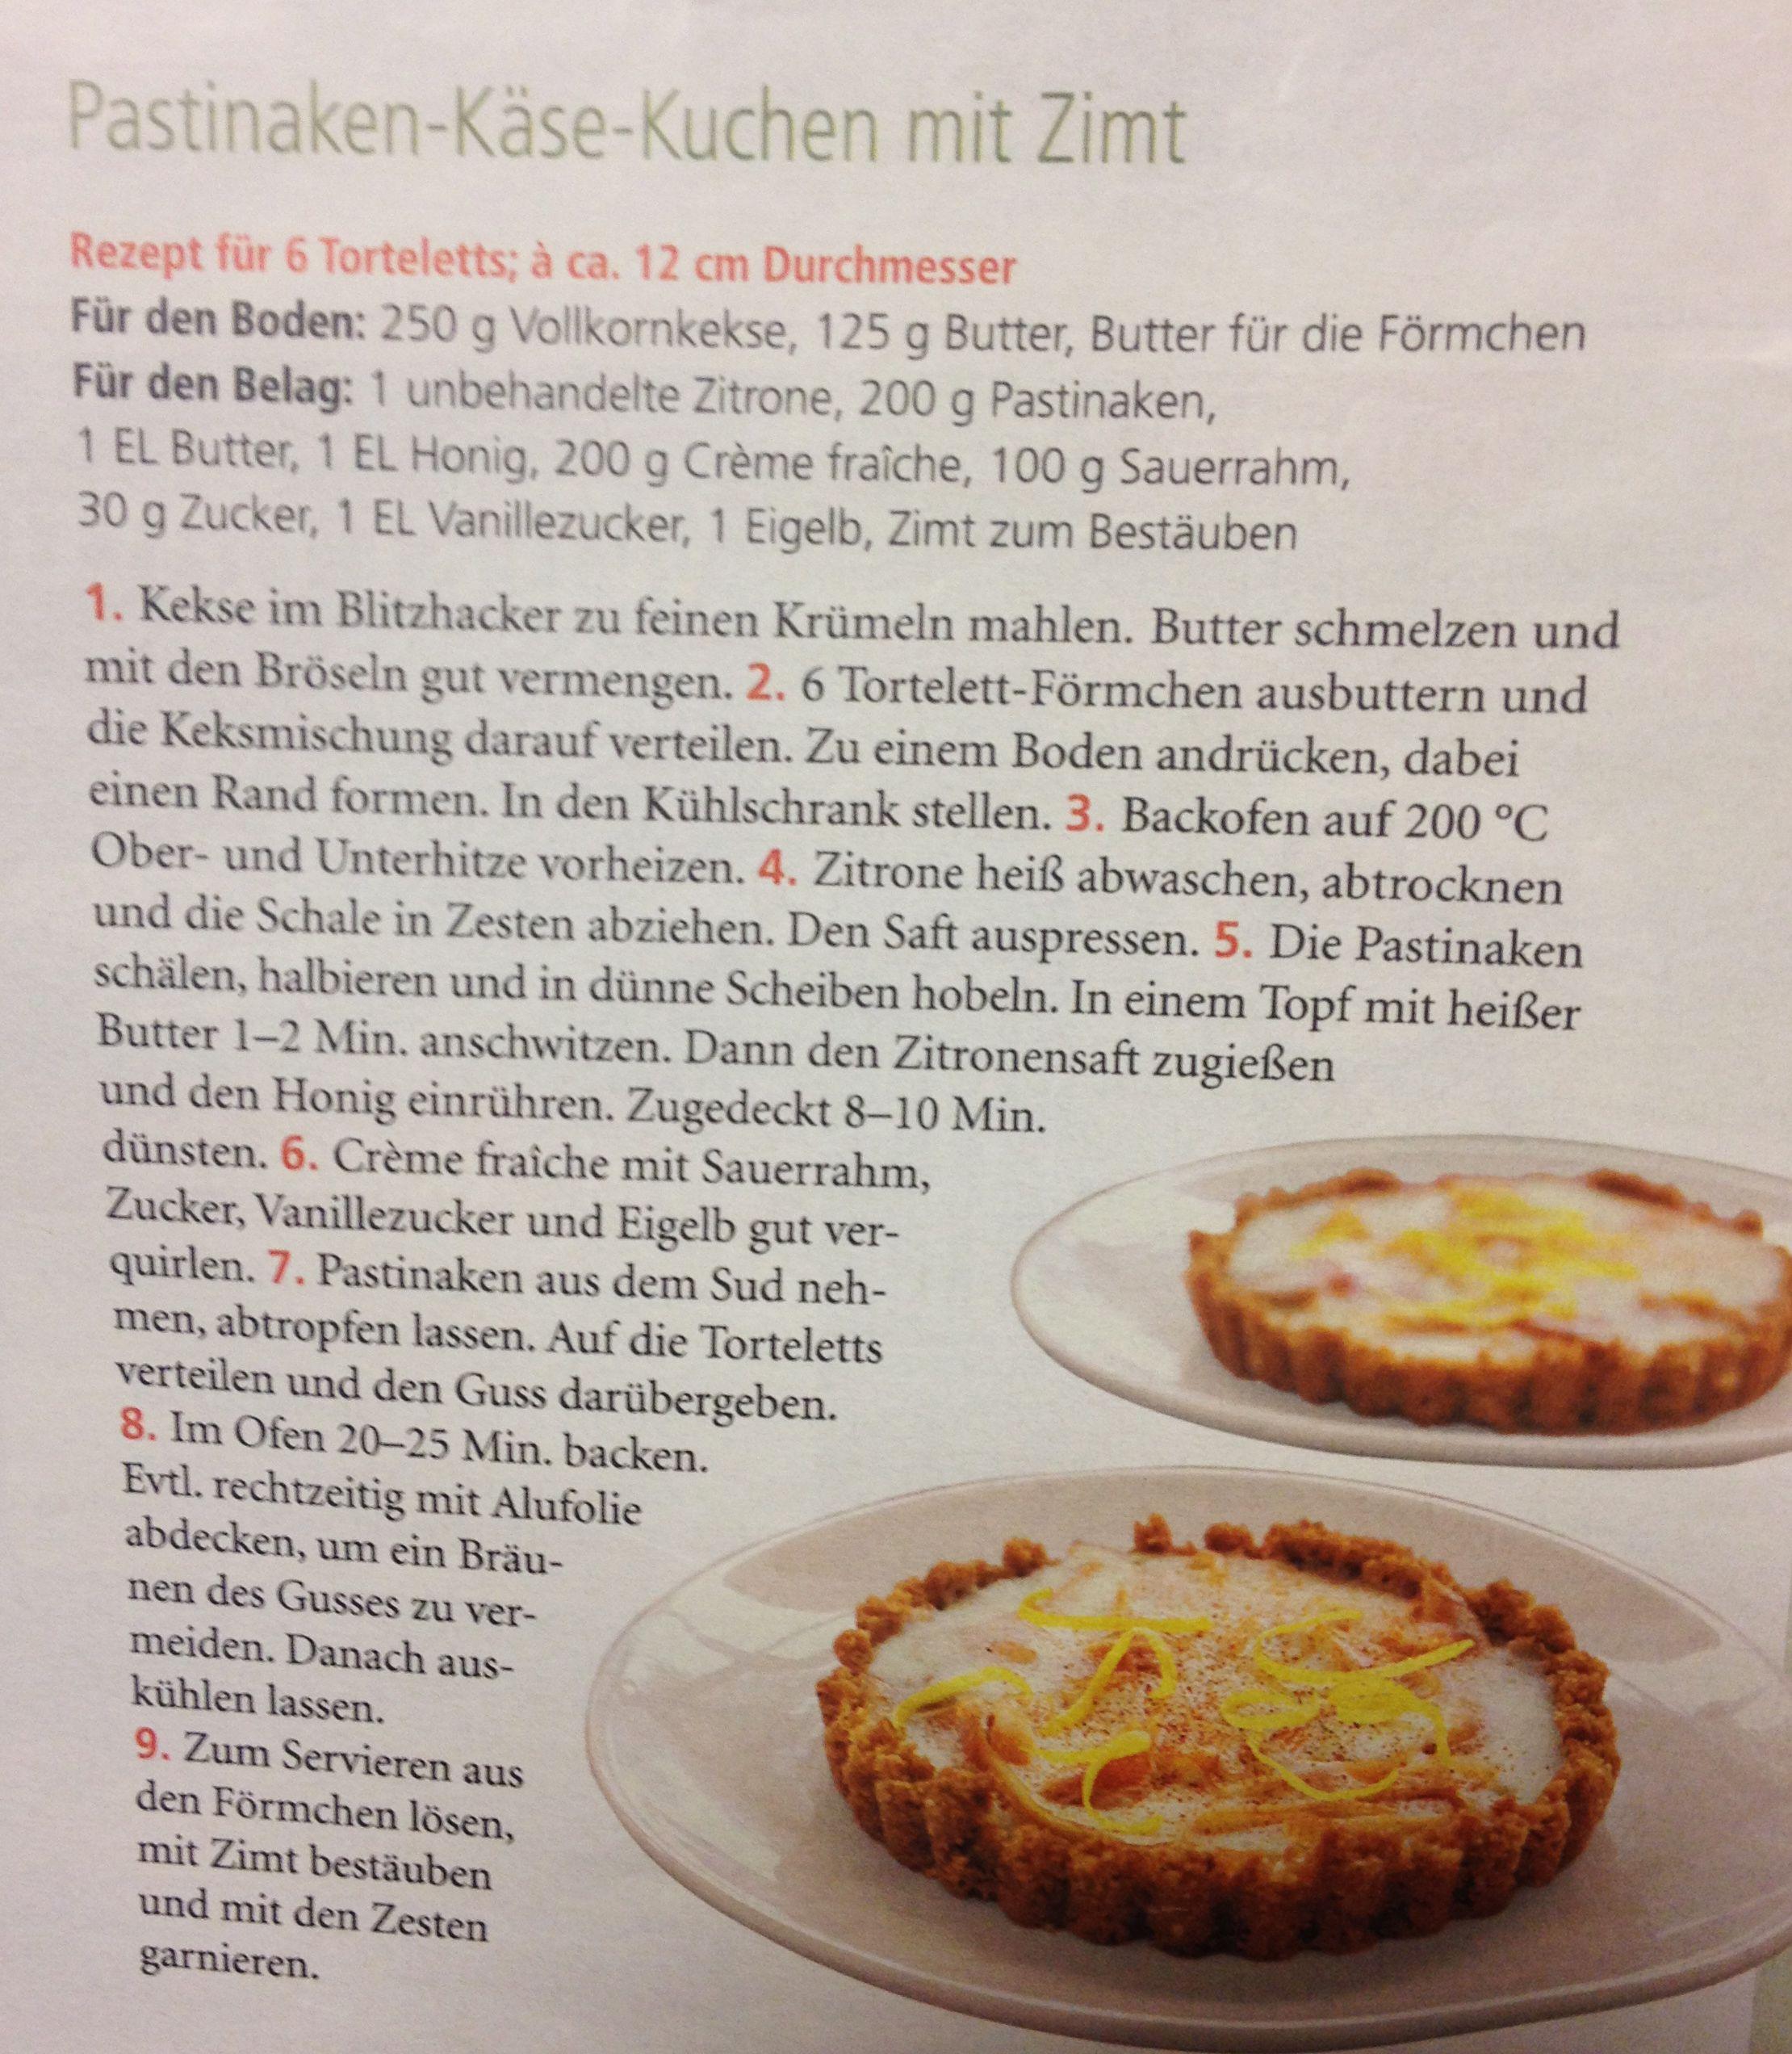 Pastinaken-Käse-Kuchen mit Zimt aus der Zeitschrift \